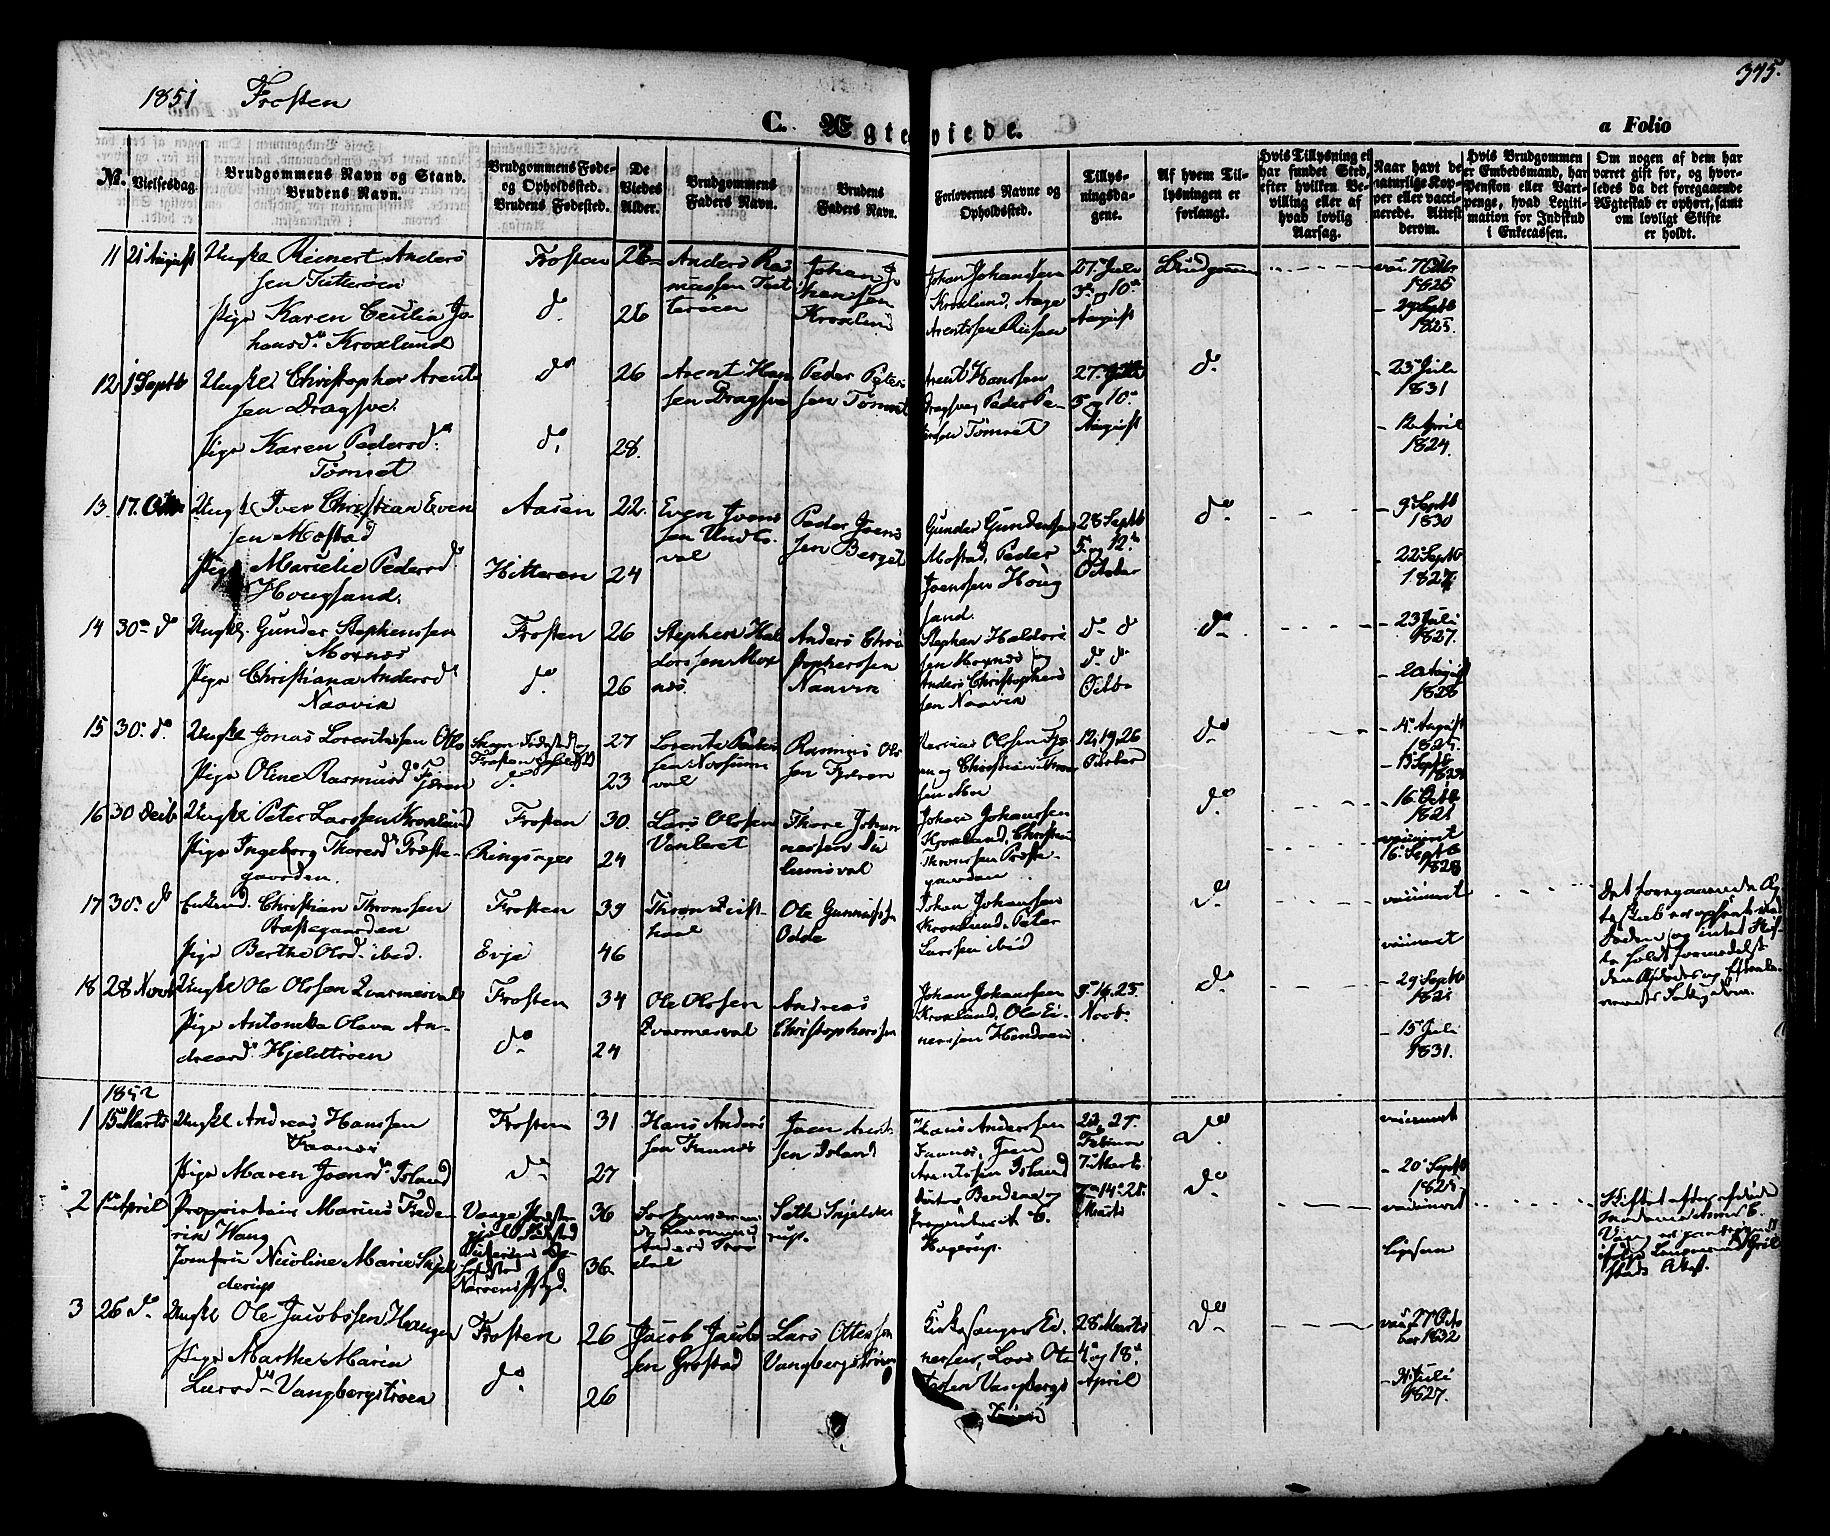 SAT, Ministerialprotokoller, klokkerbøker og fødselsregistre - Nord-Trøndelag, 713/L0116: Ministerialbok nr. 713A07 /1, 1850-1877, s. 345